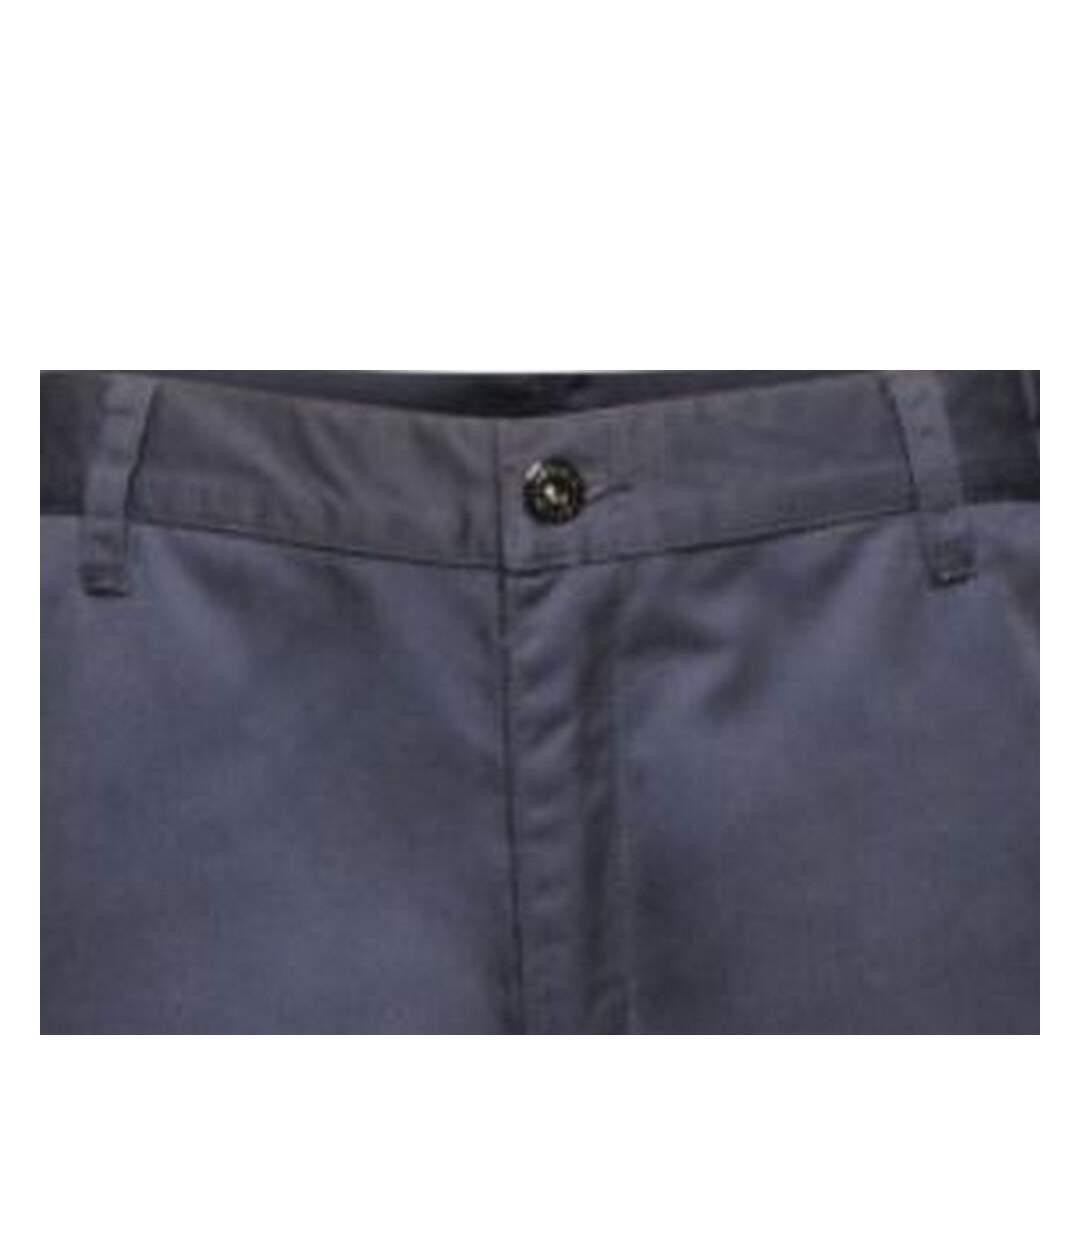 Regatta Mens Pro Cargo Shorts (Navy) - UTRW6618